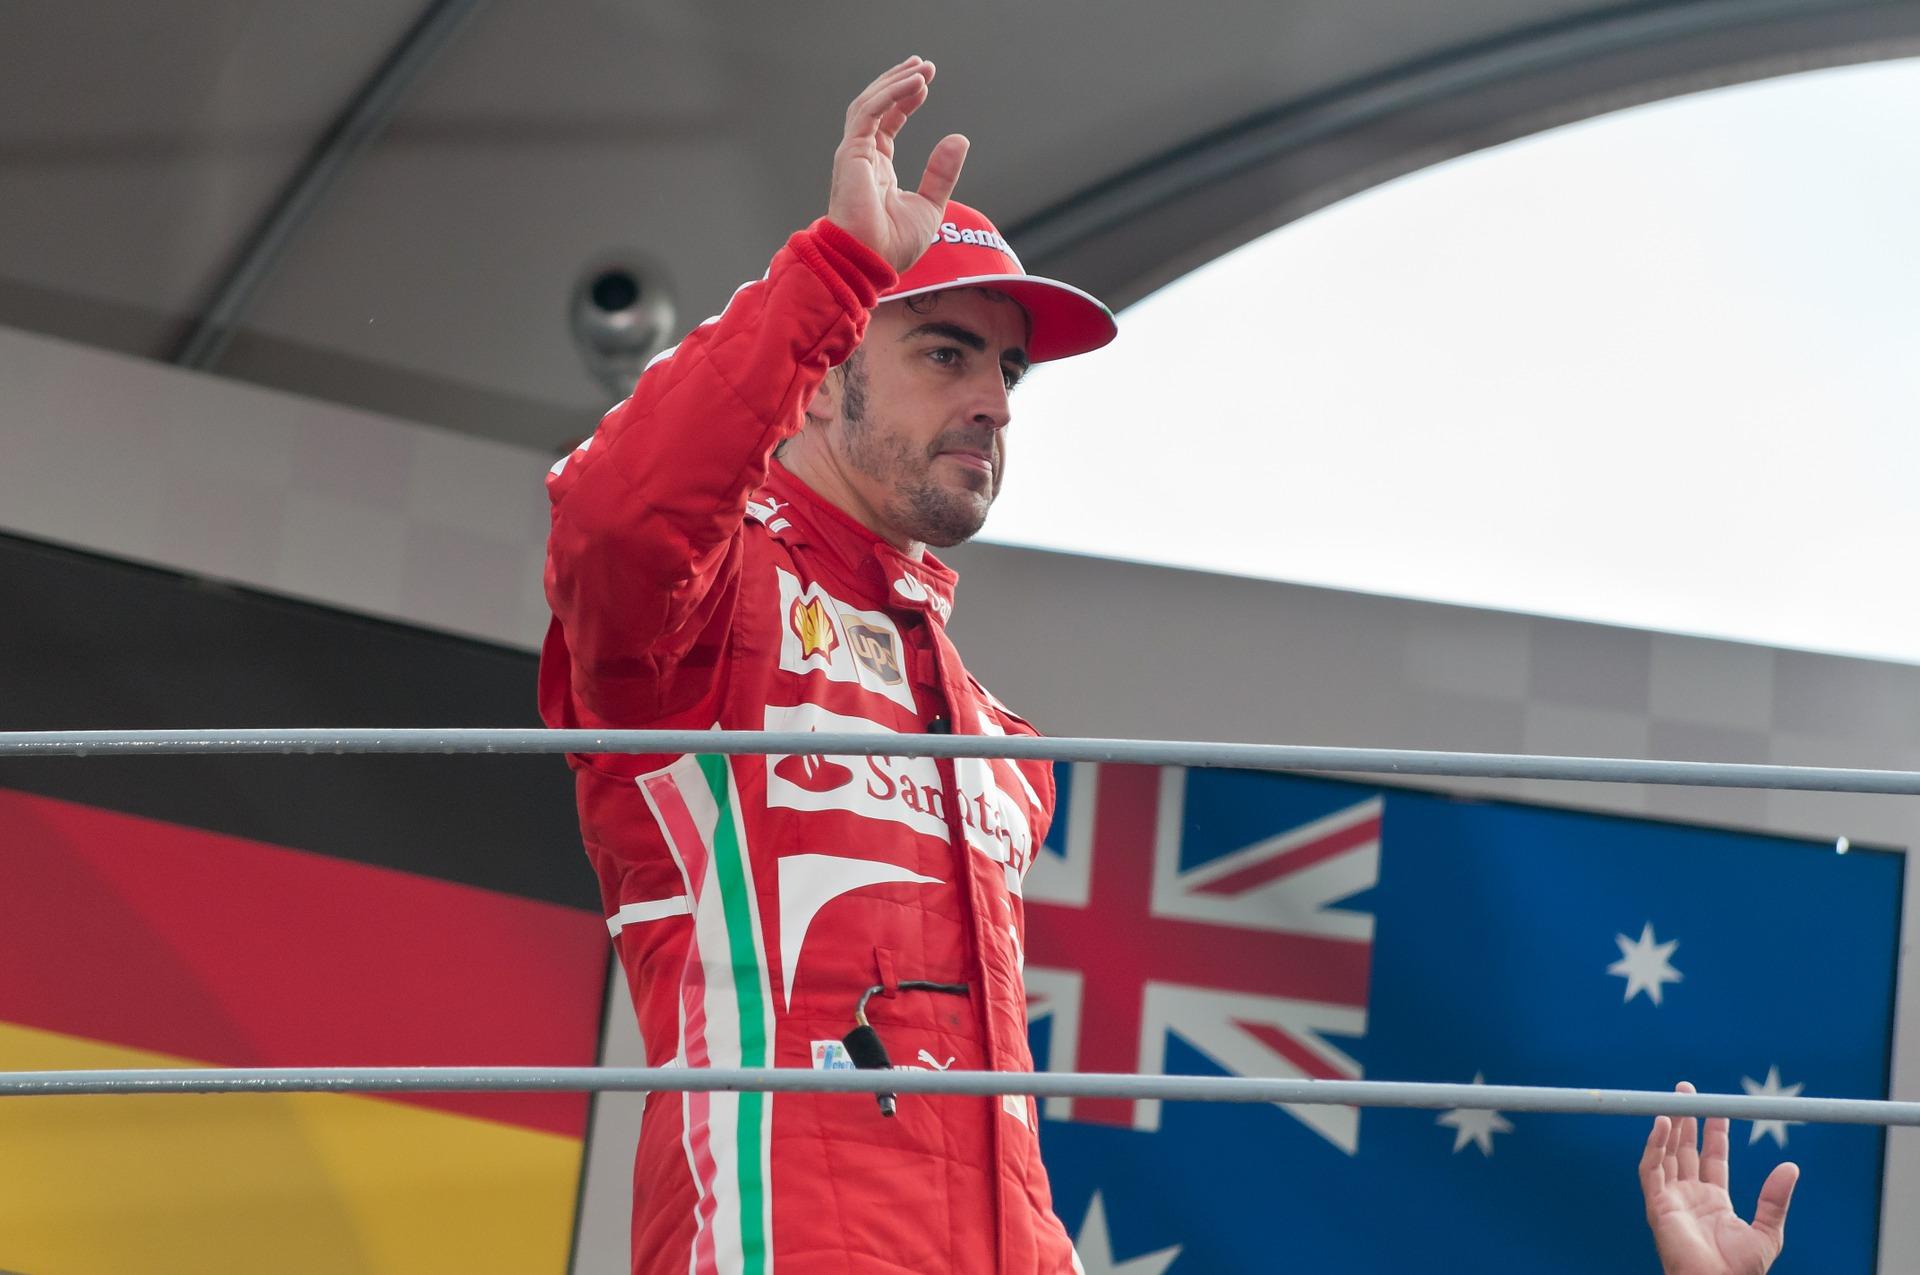 Alonso saluant la foule, formule 1